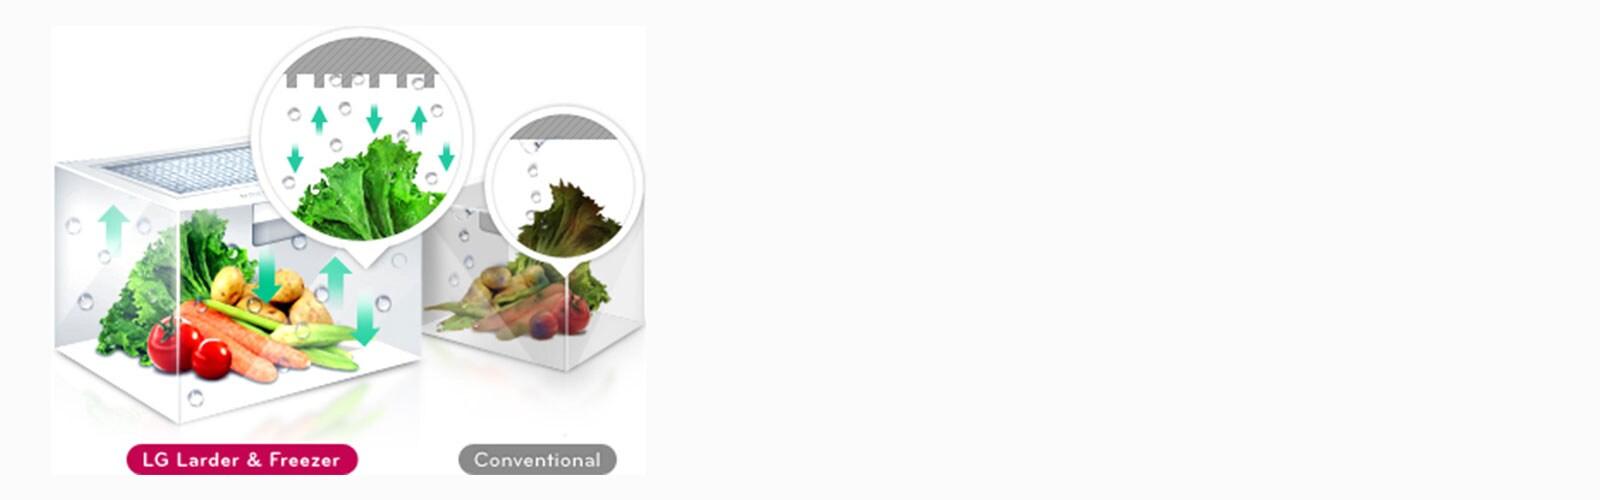 D09_lg-refrigerator-lansen-feature_Moist_Balance_Crisper_D1